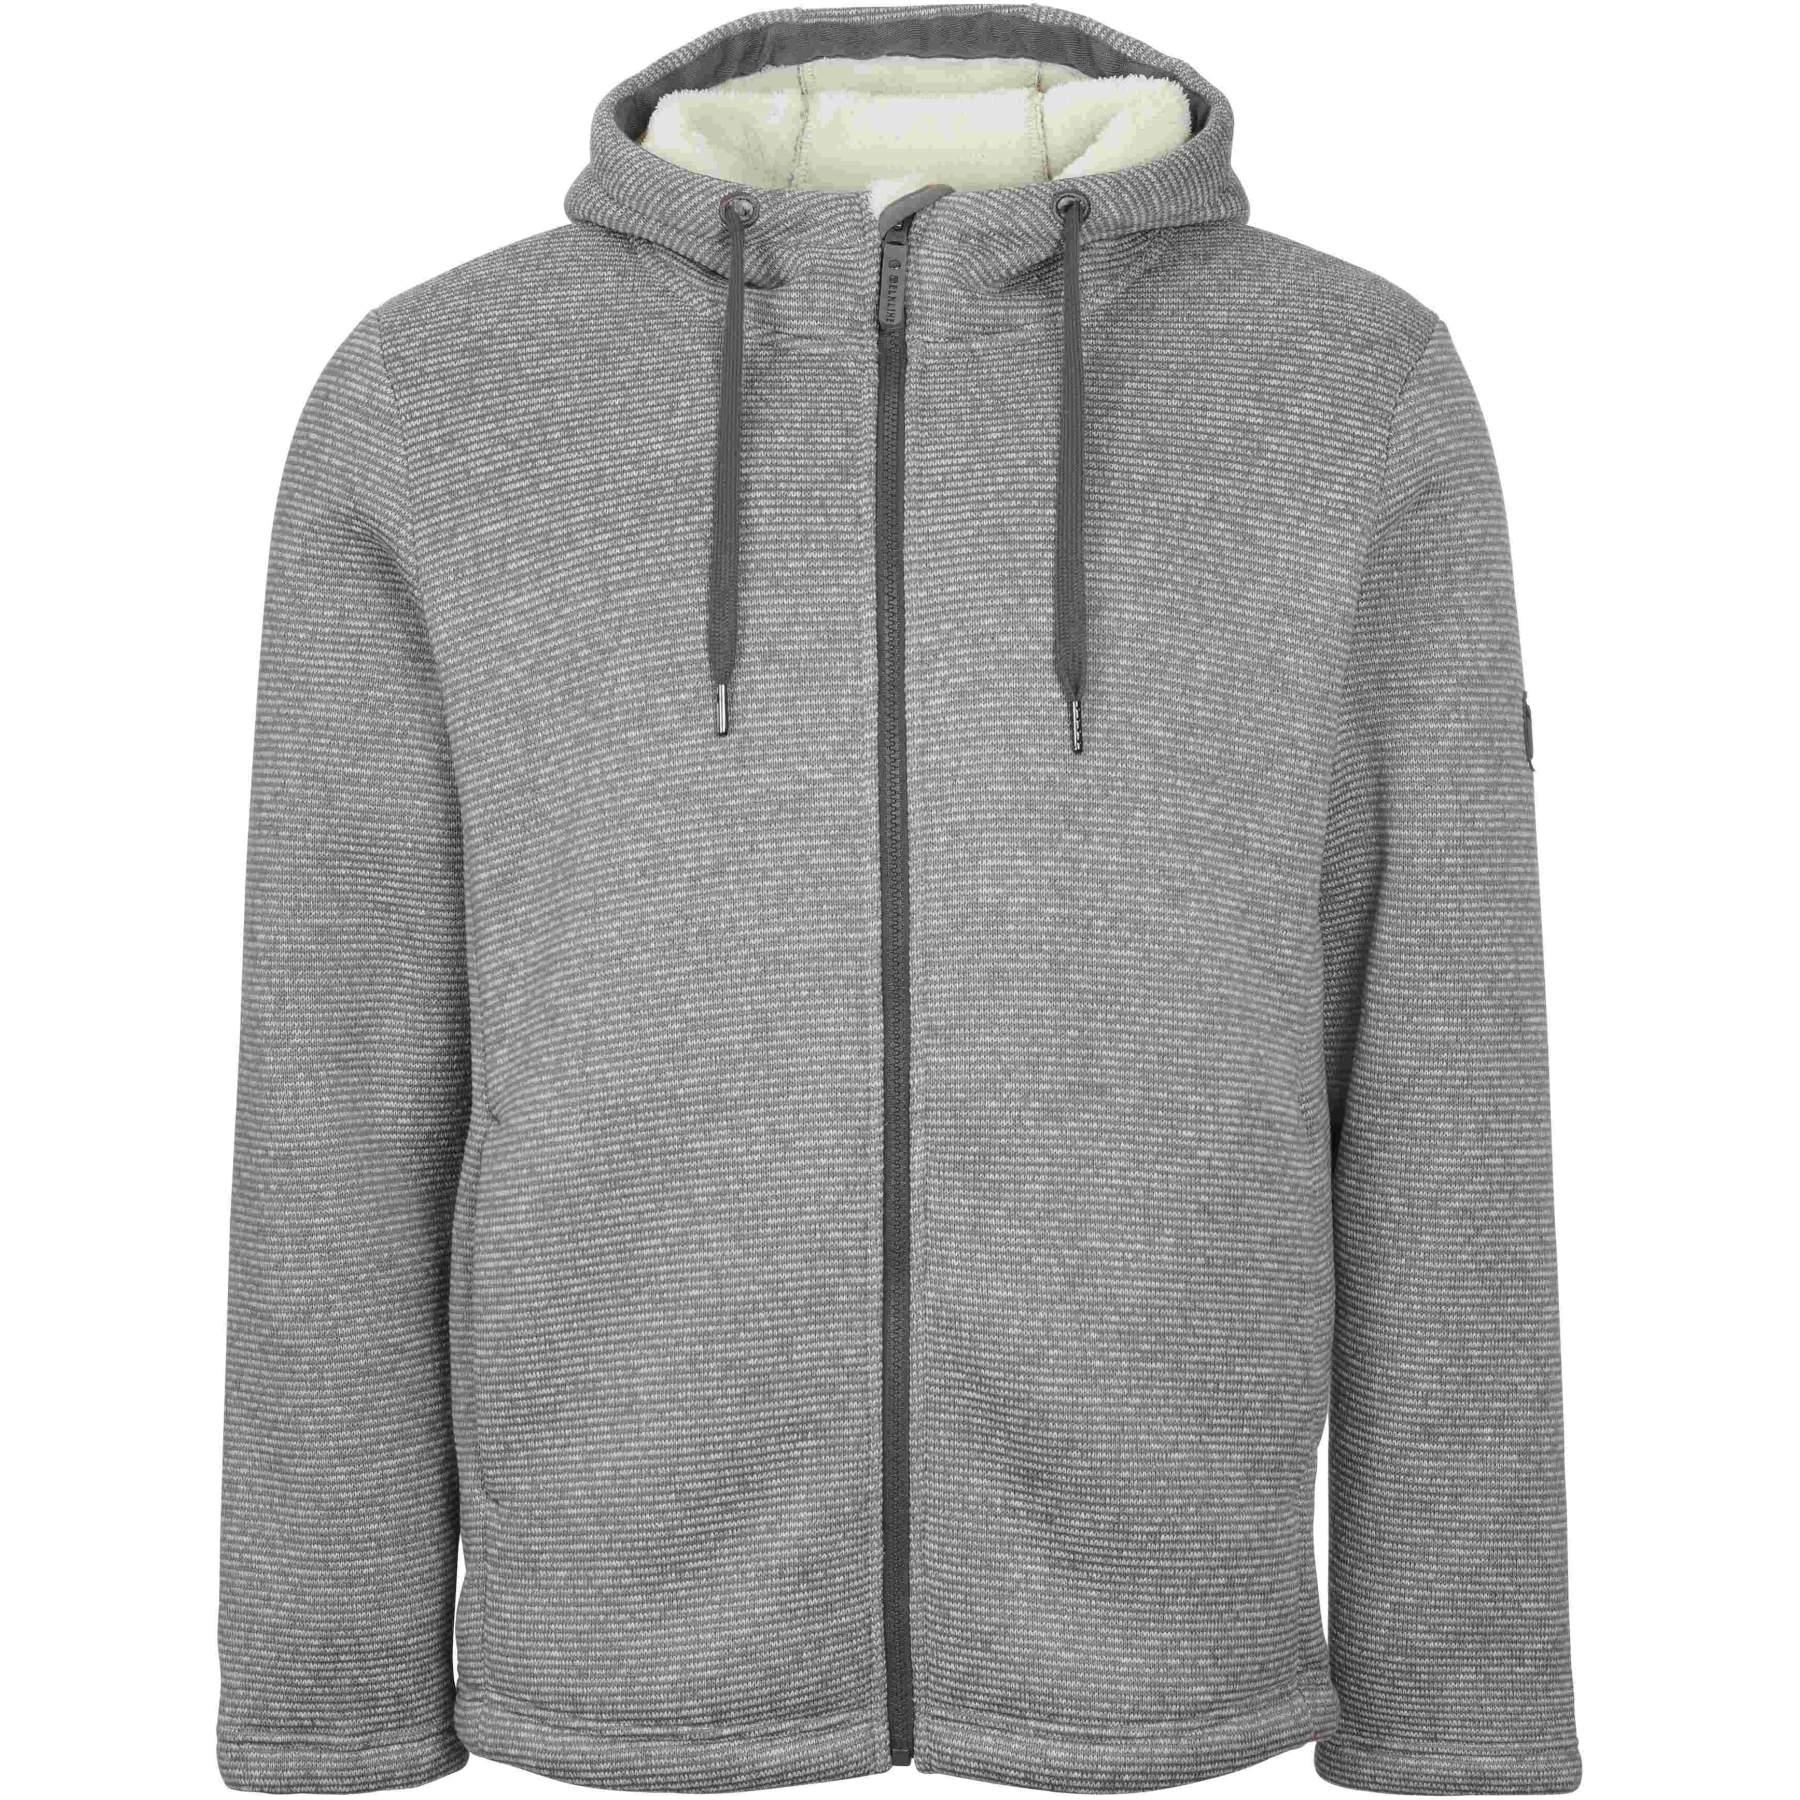 Elkline NO IDEA Fleece Jacket - lightgrey - offwhite